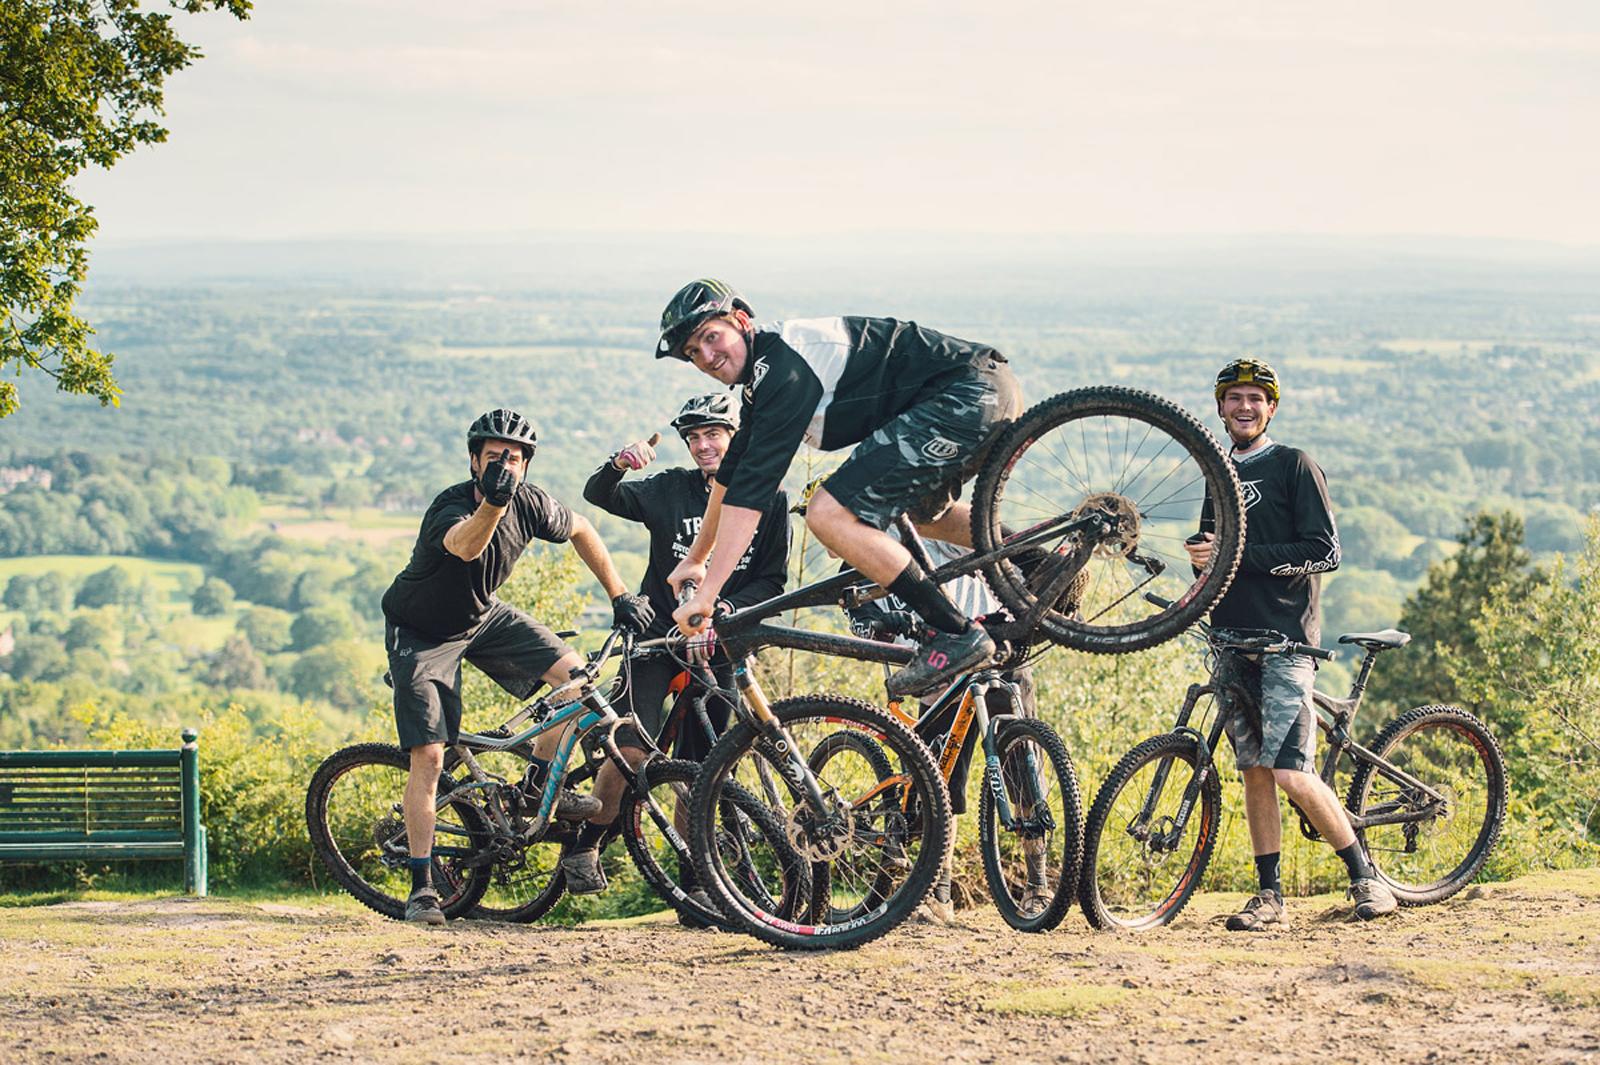 Mit den Jungs gemeinsam Spaß haben - unschlagbar! ©Philip Ruopp